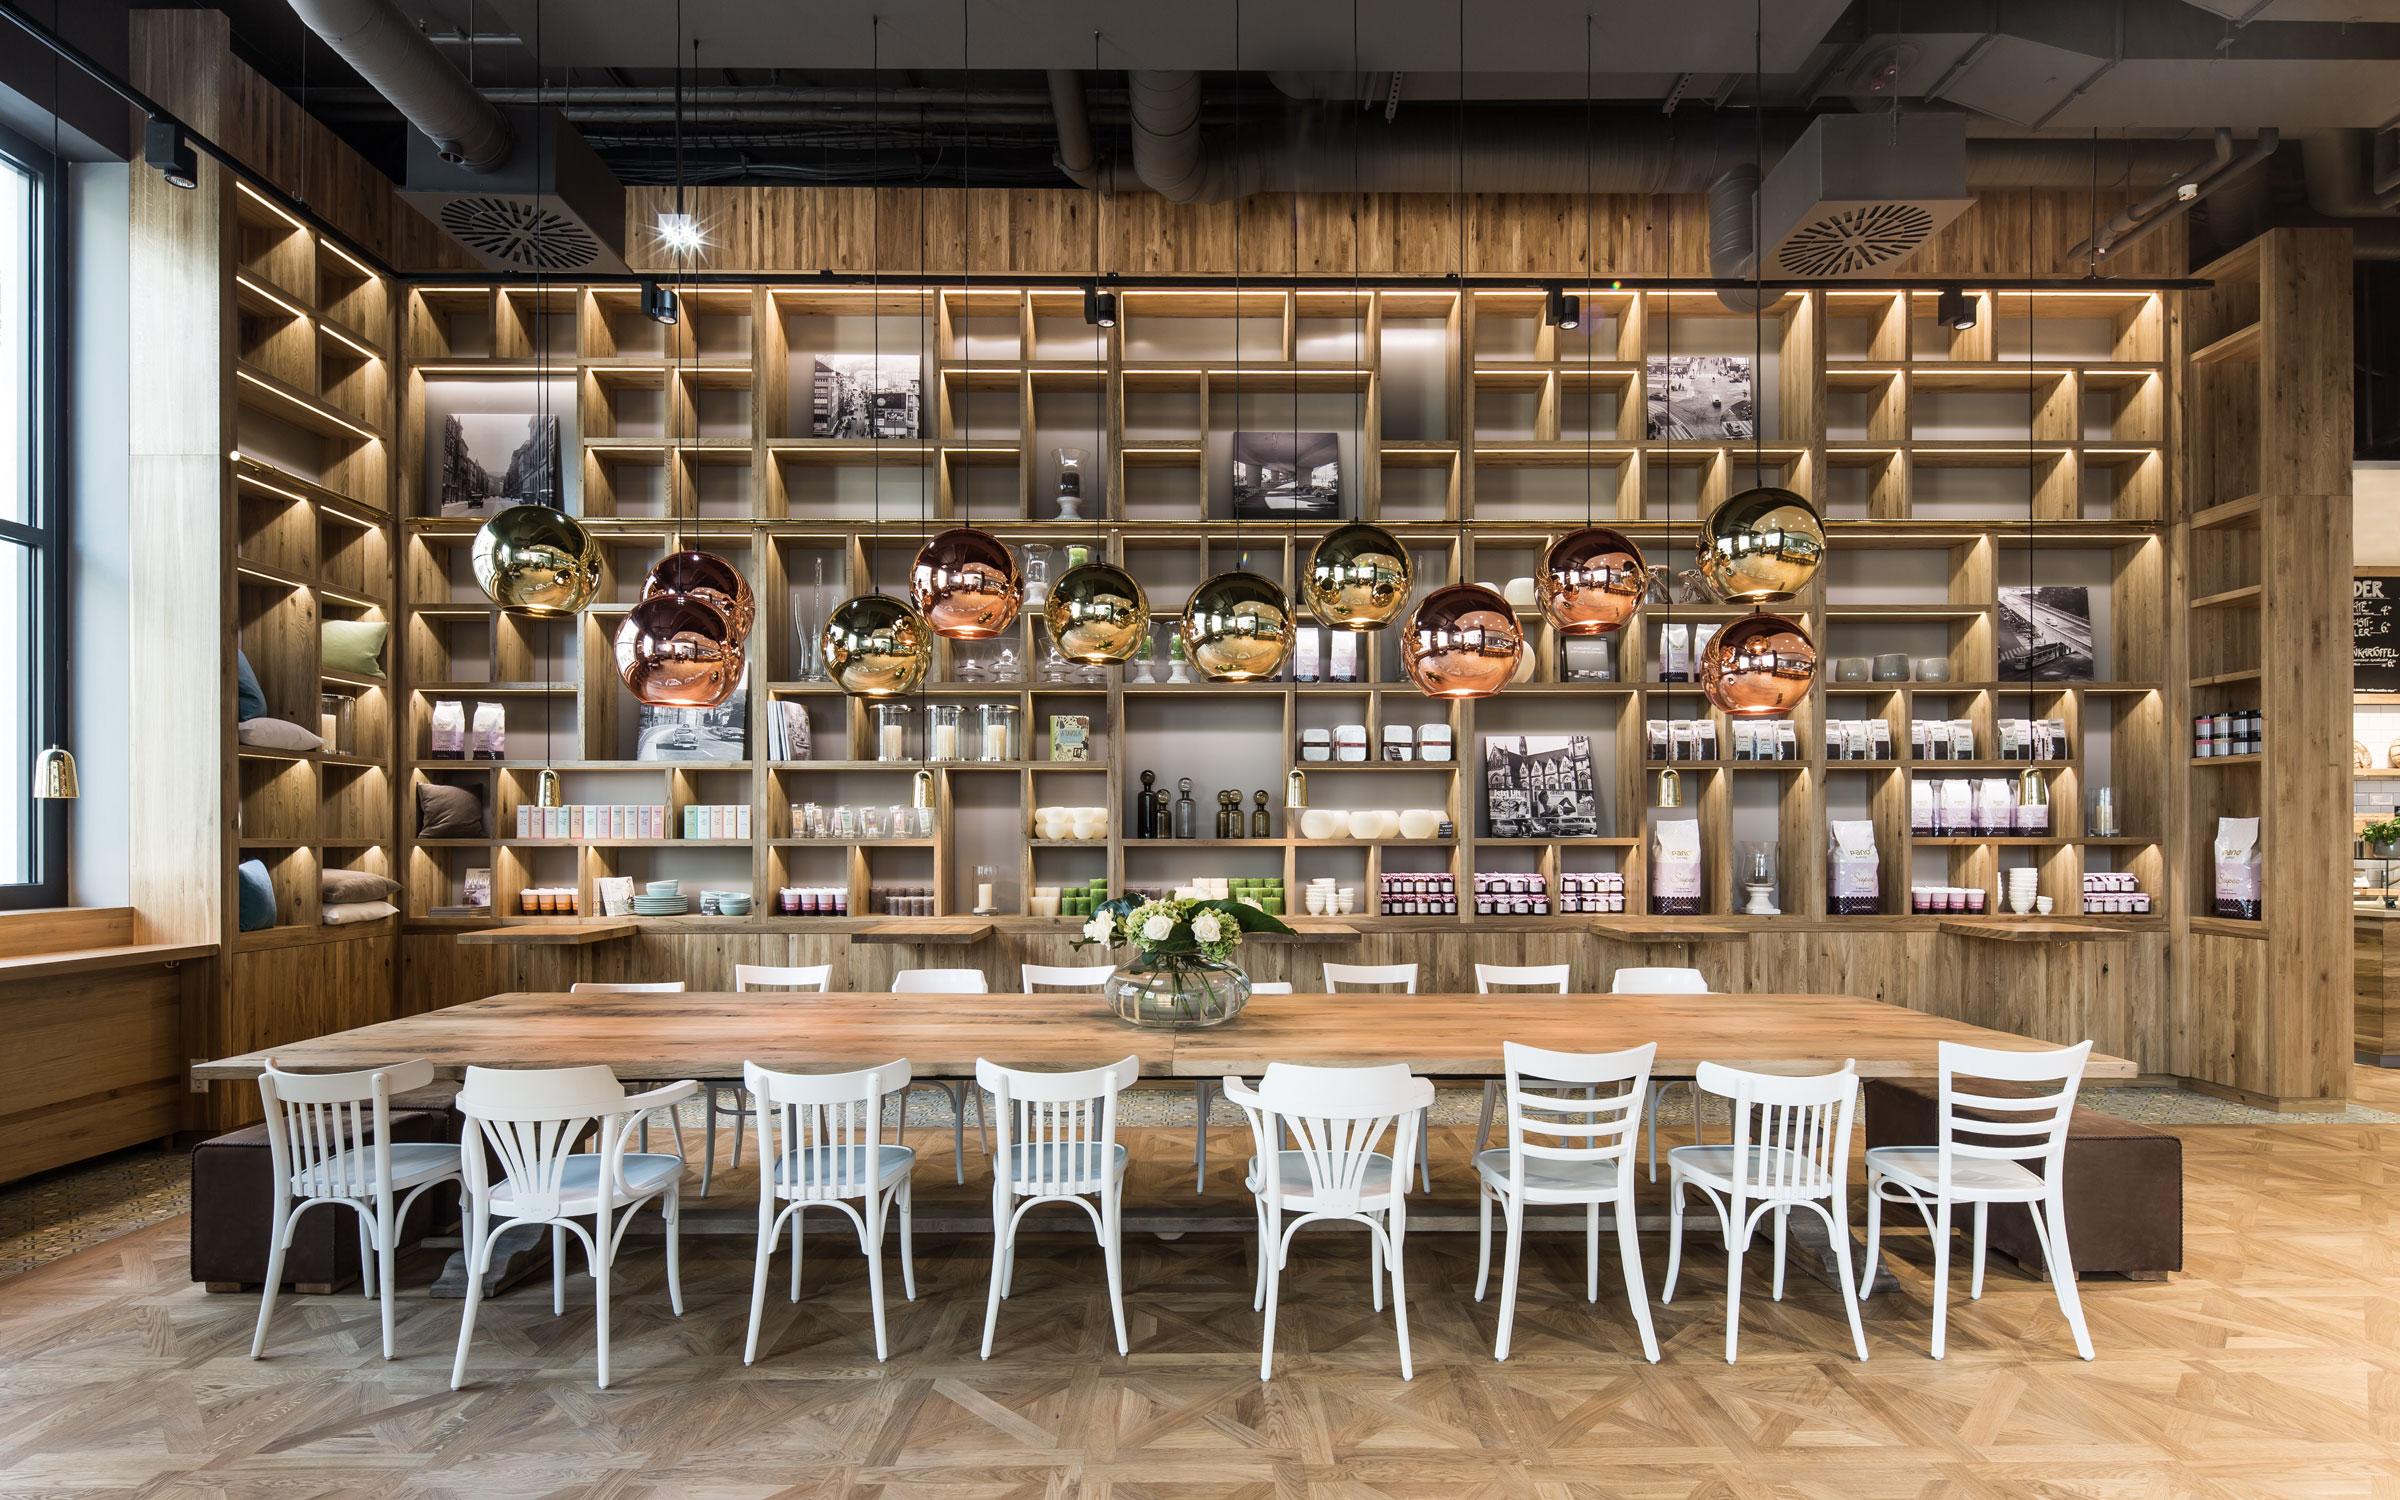 Pano Brot & Kaffee Regal und Holztisch